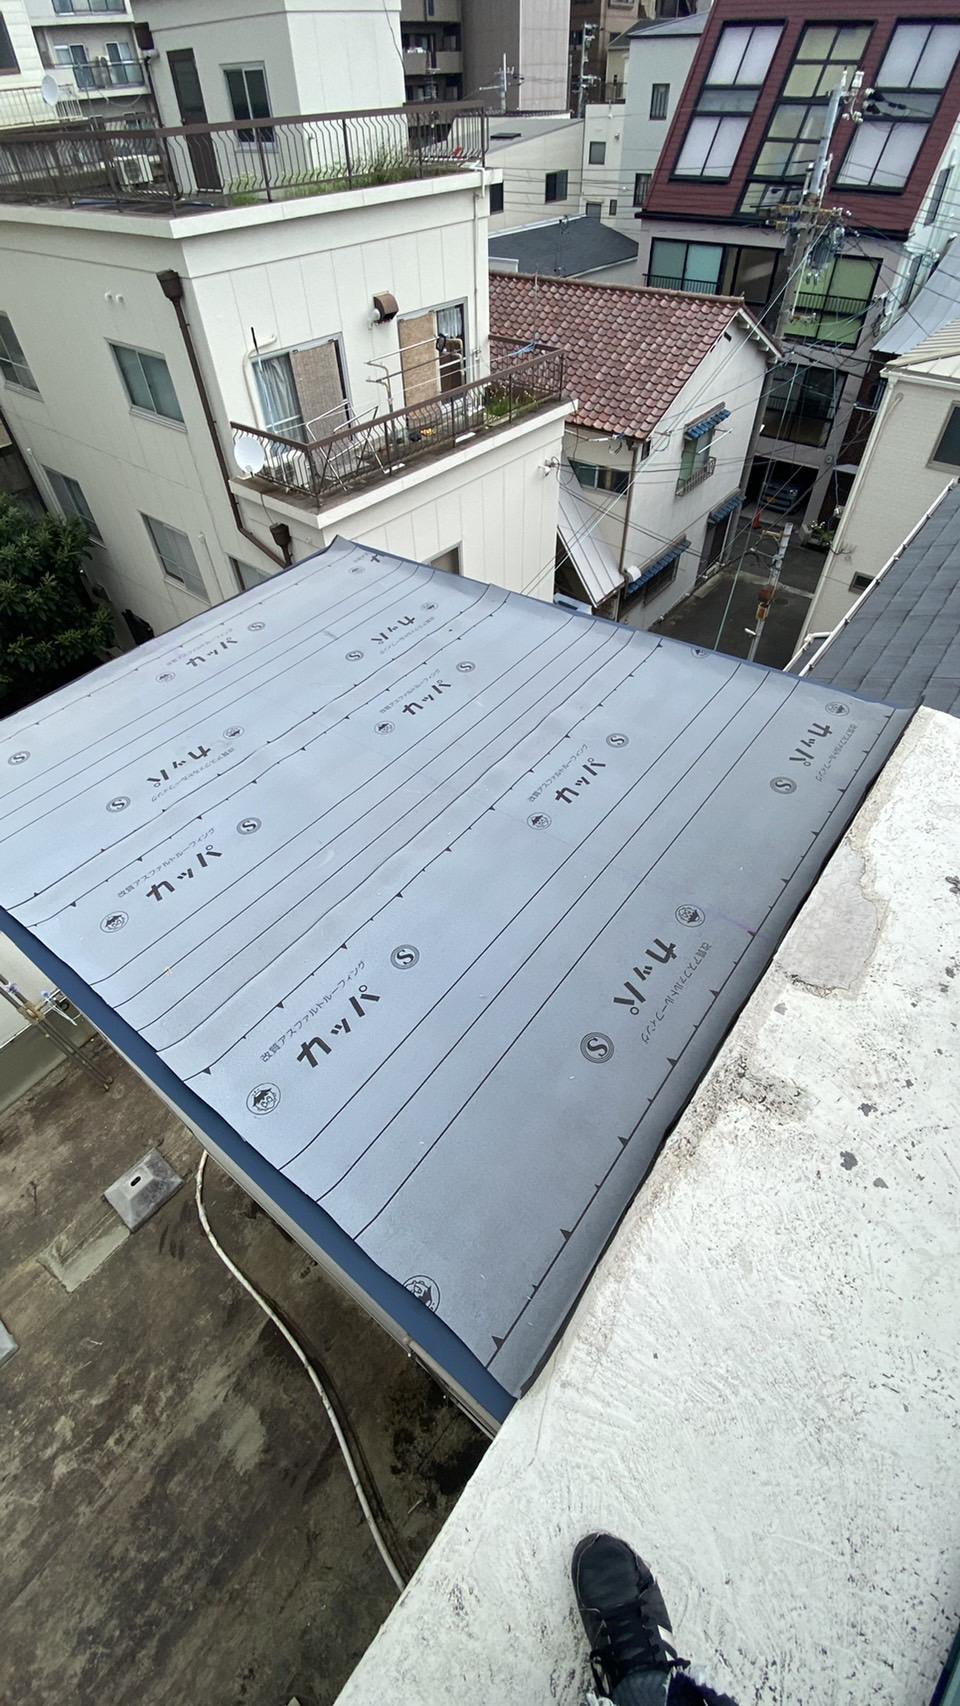 傾斜の緩い屋根に防水シートを貼った様子